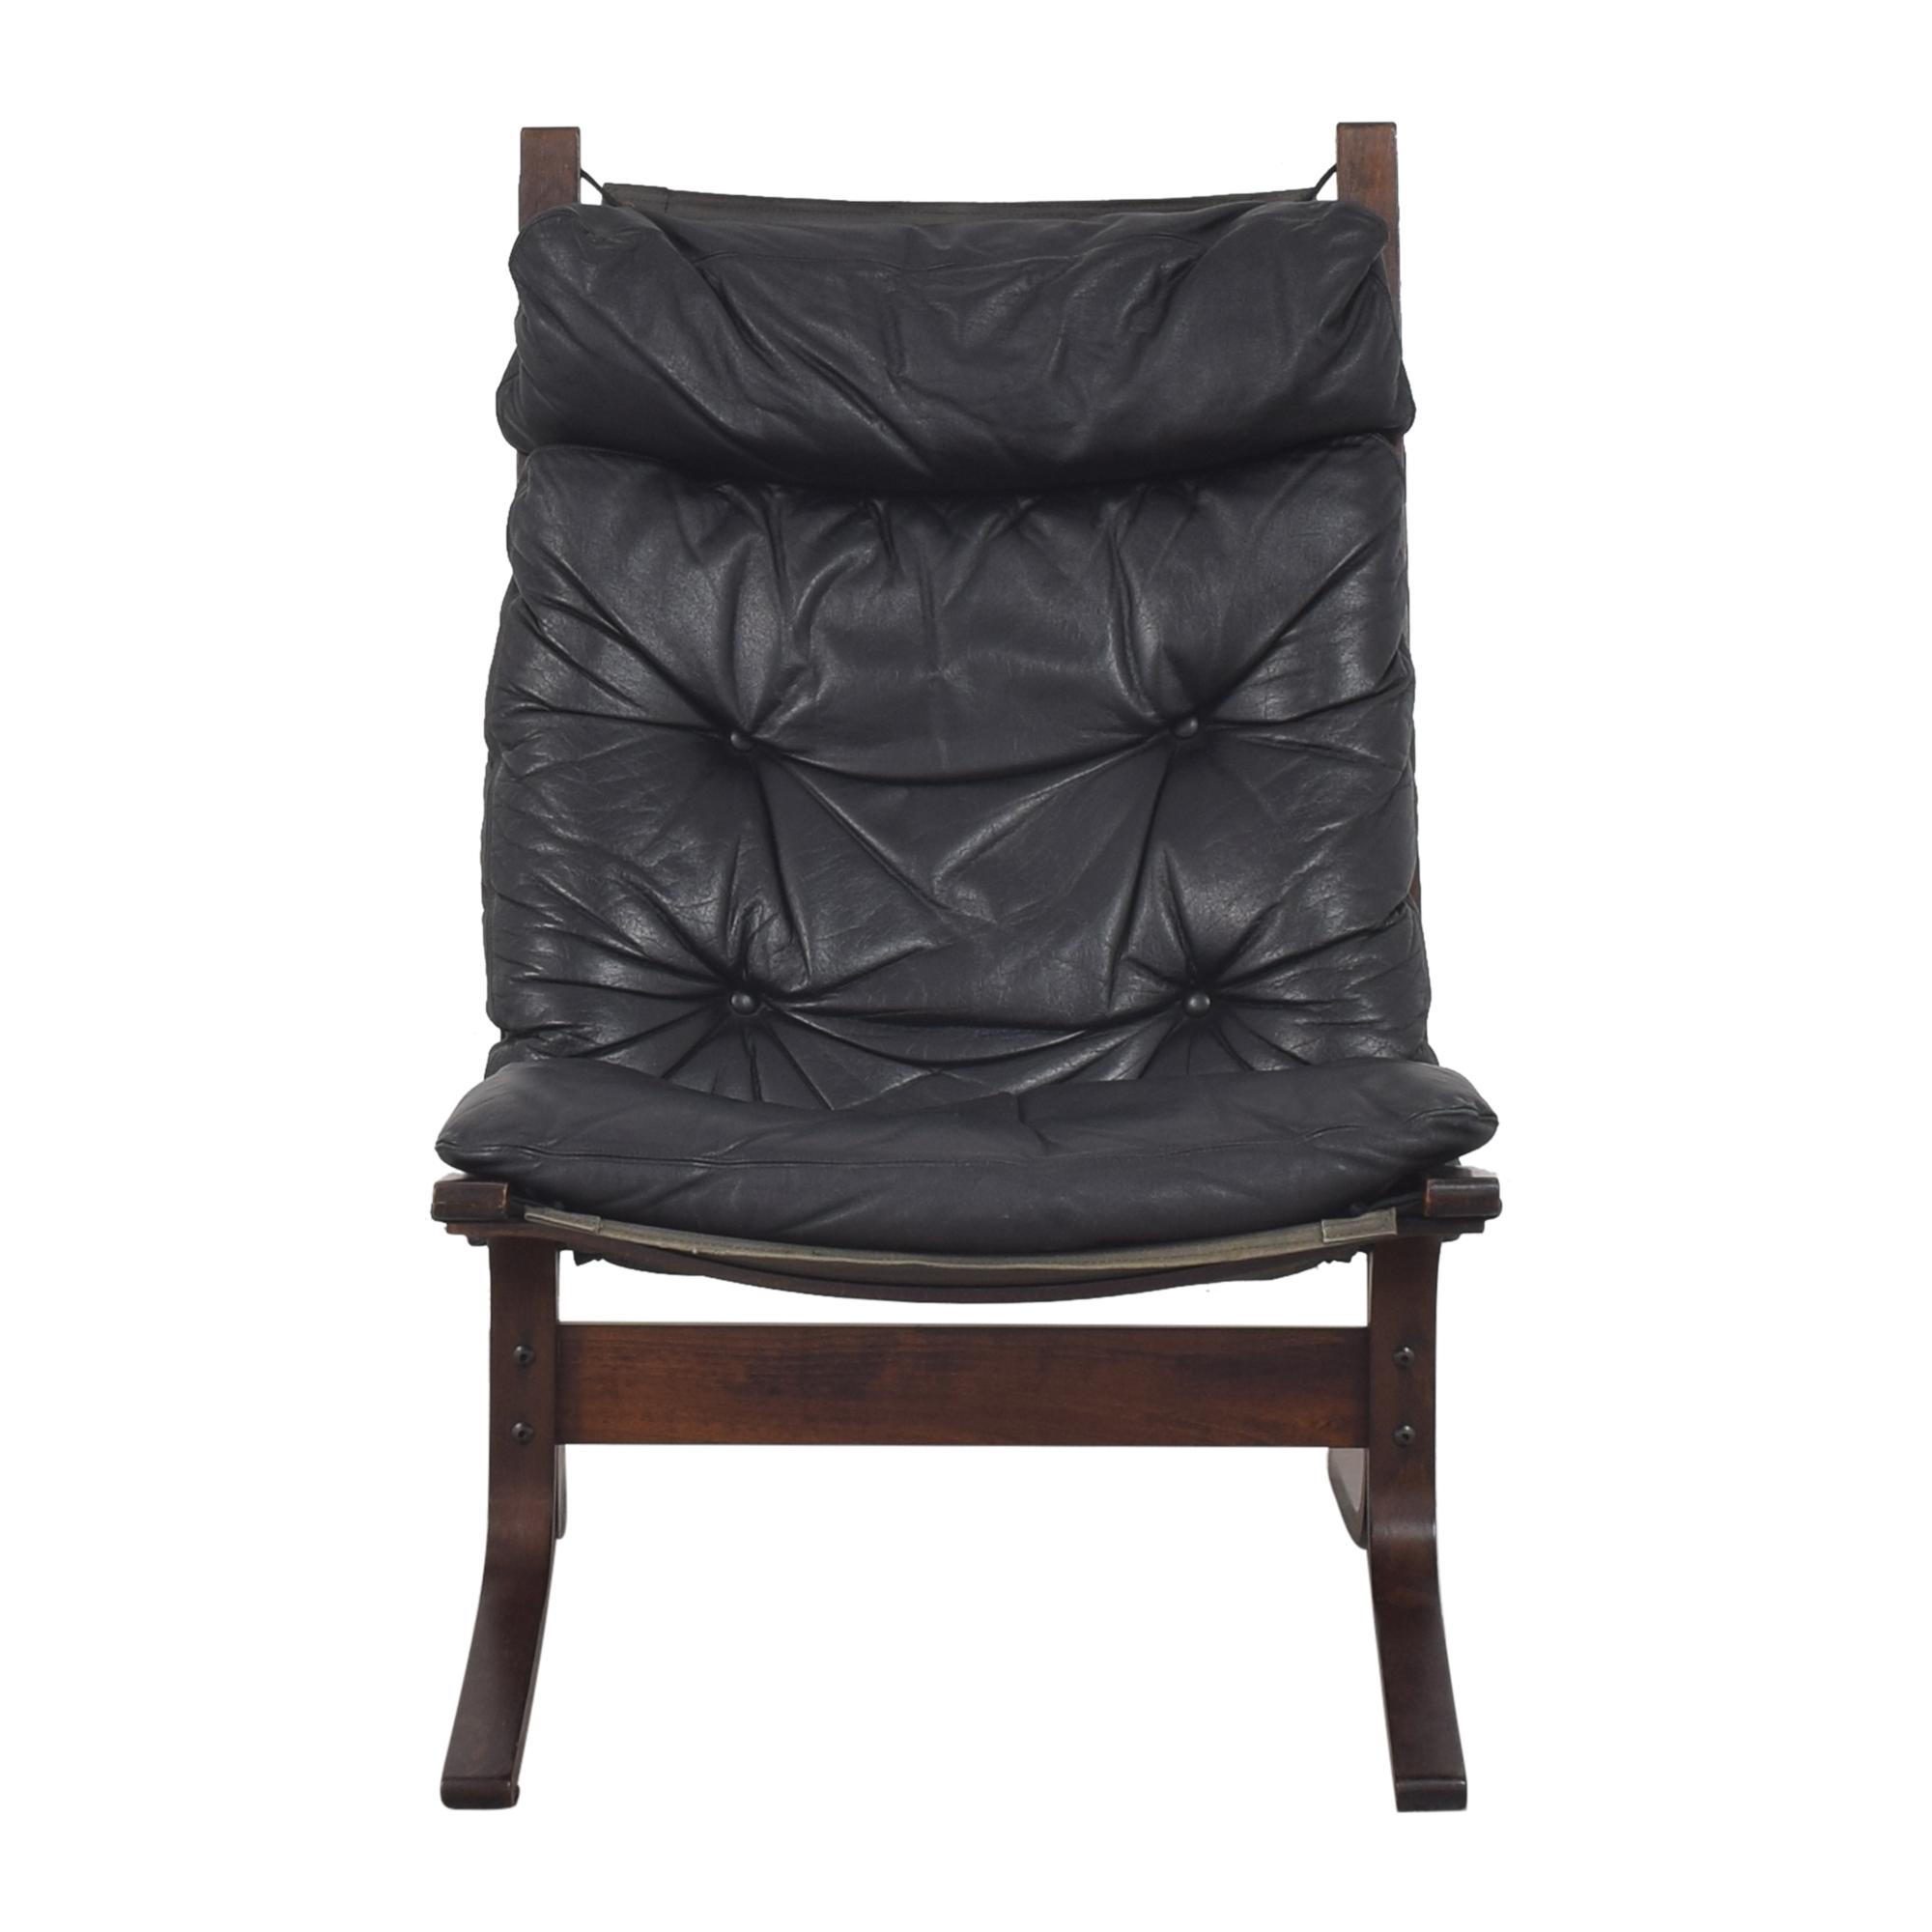 Westnofa Ingmar Relling Siesta Chair sale